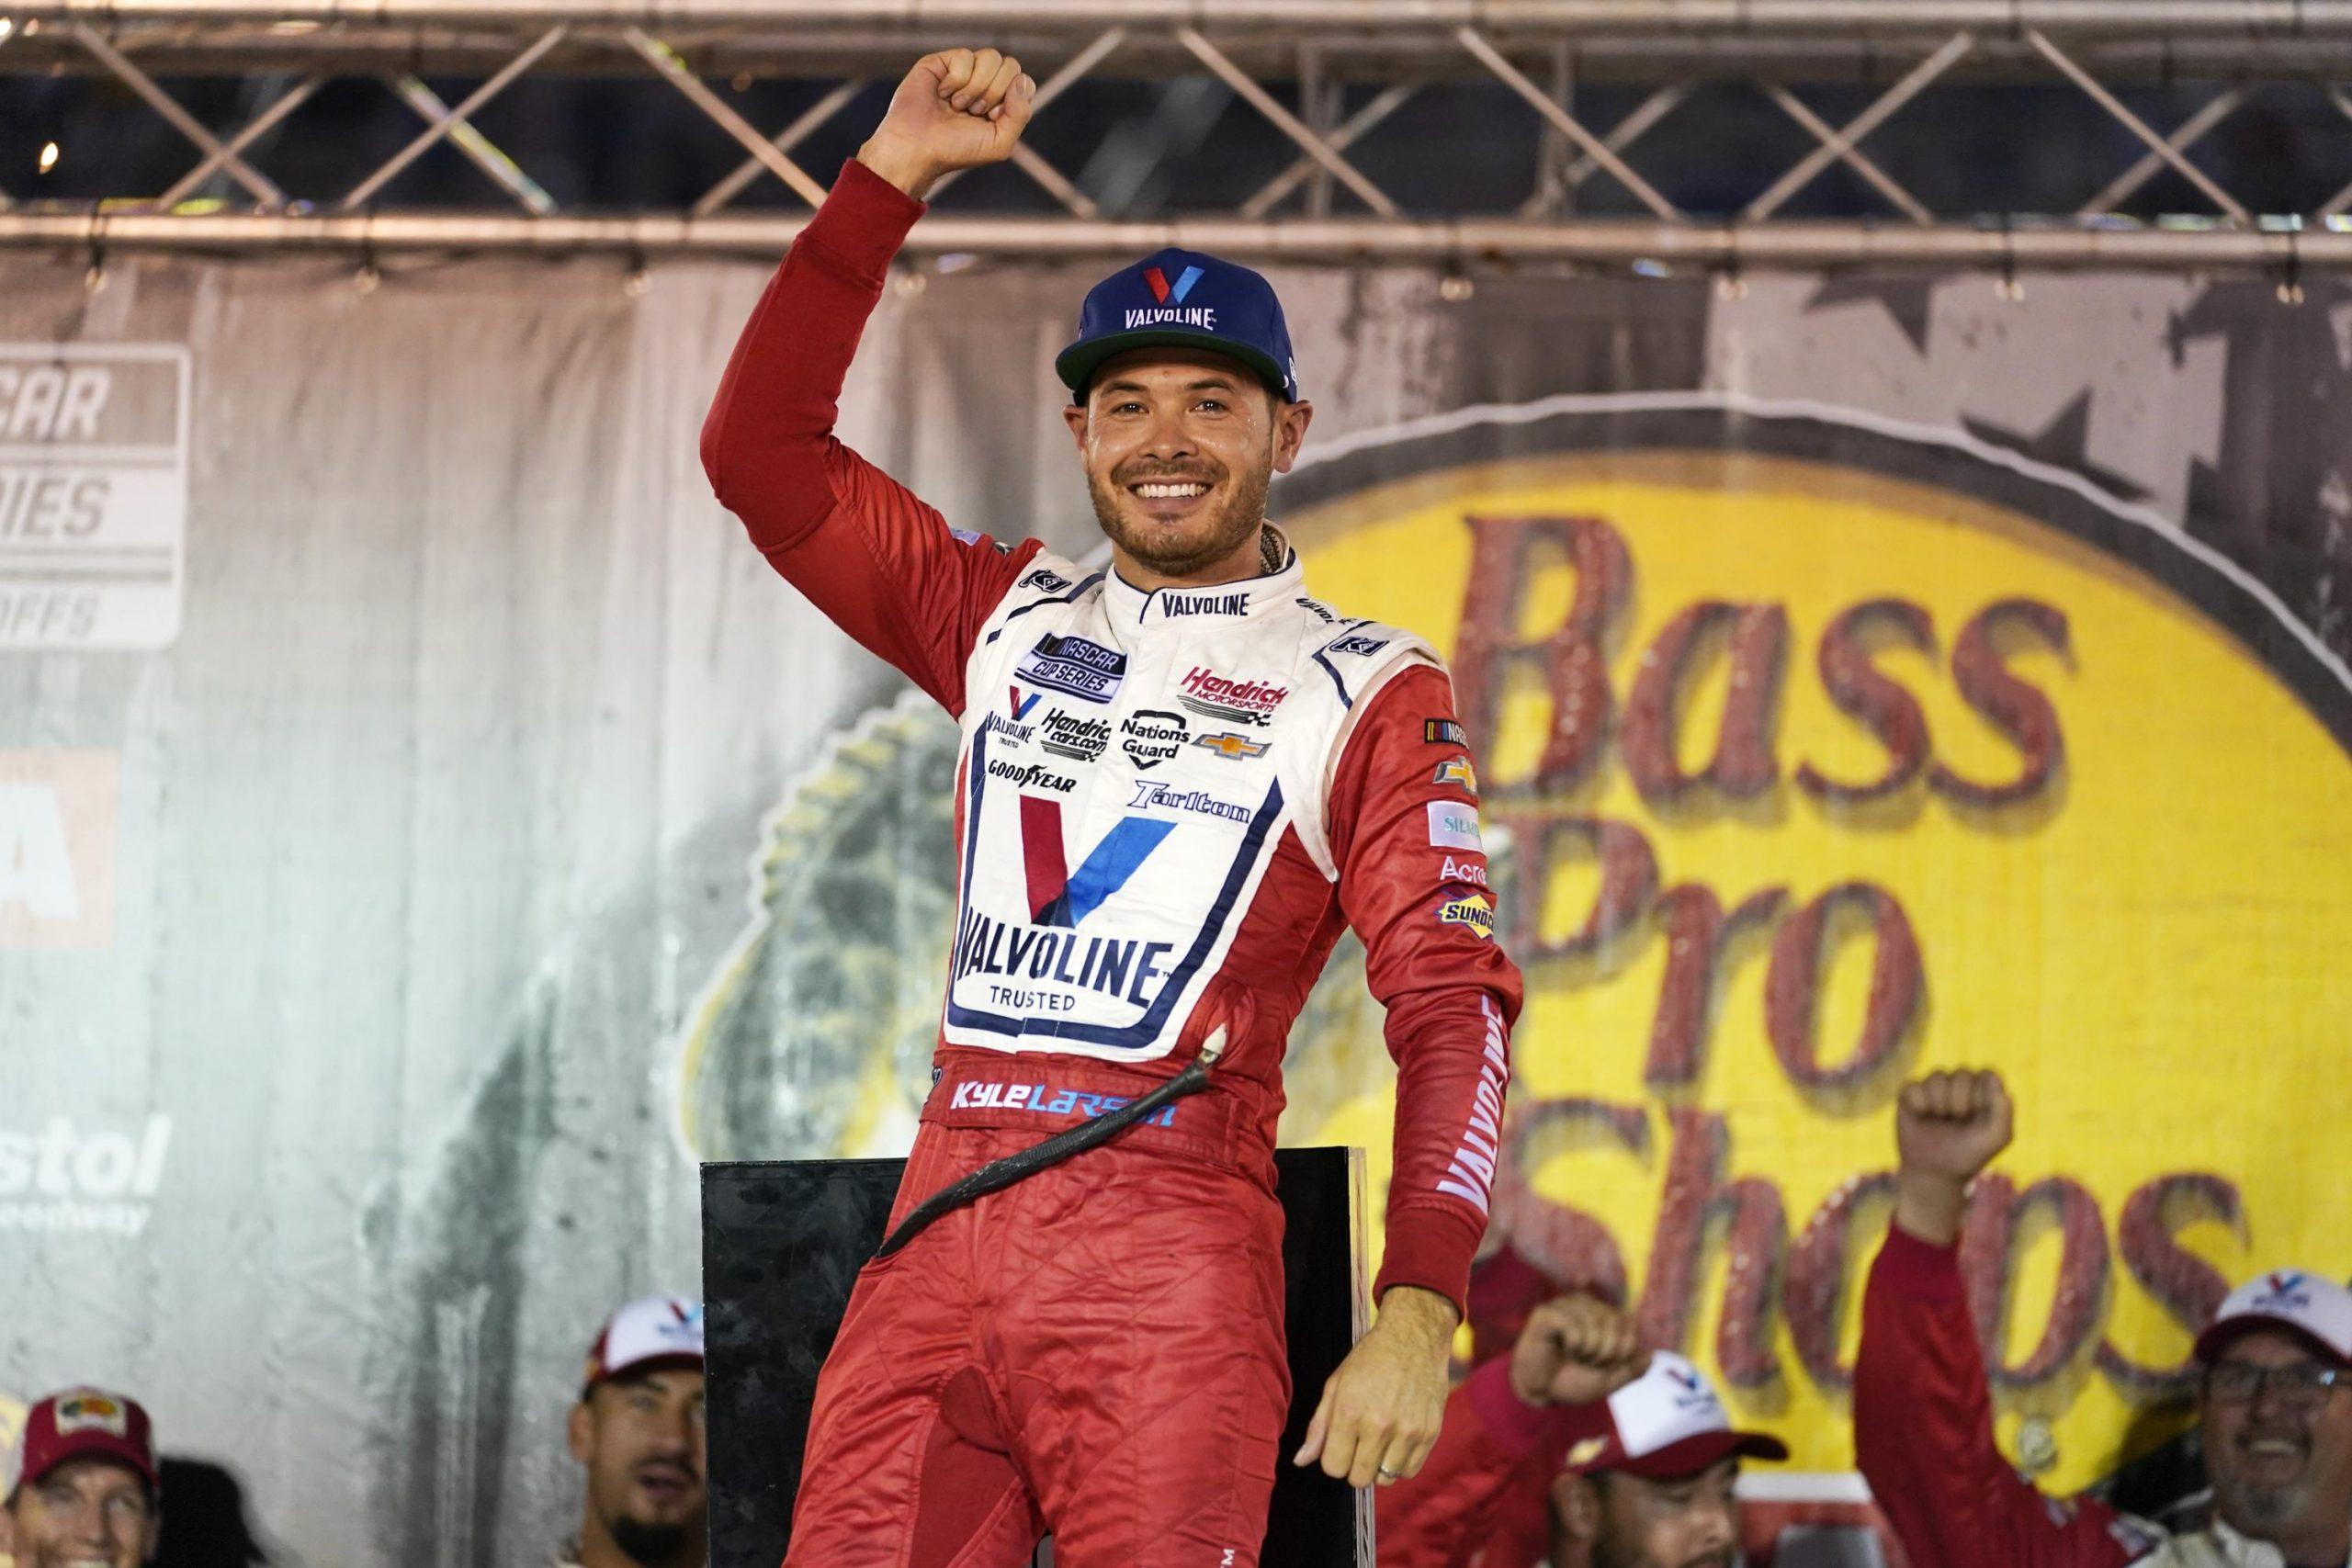 NASCAR направляется в Лас-Вегас, когда поворачивает IndyCar